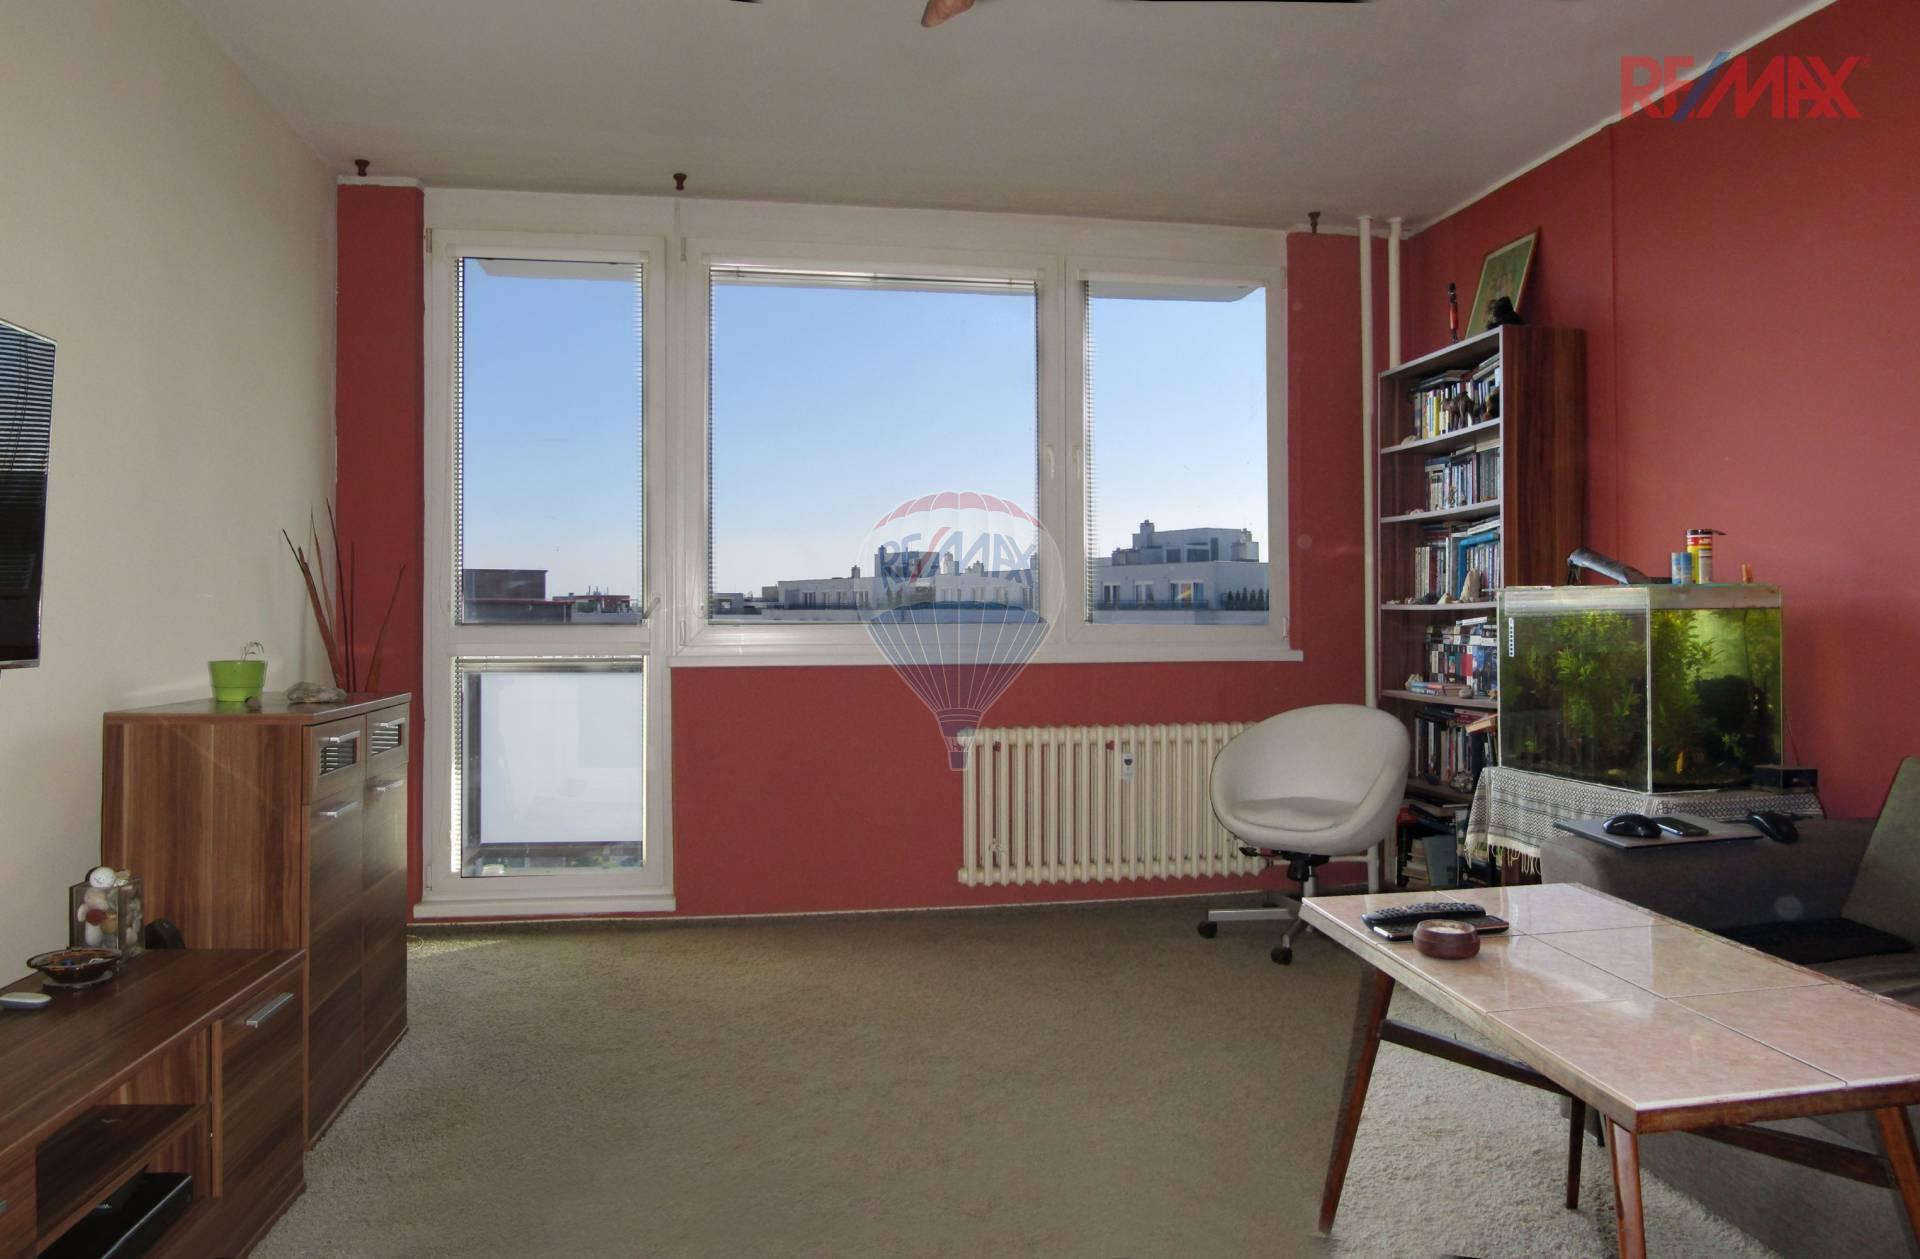 Prodej bytu 3+1 v Högerově 72 m2 s lodžií a sklepem